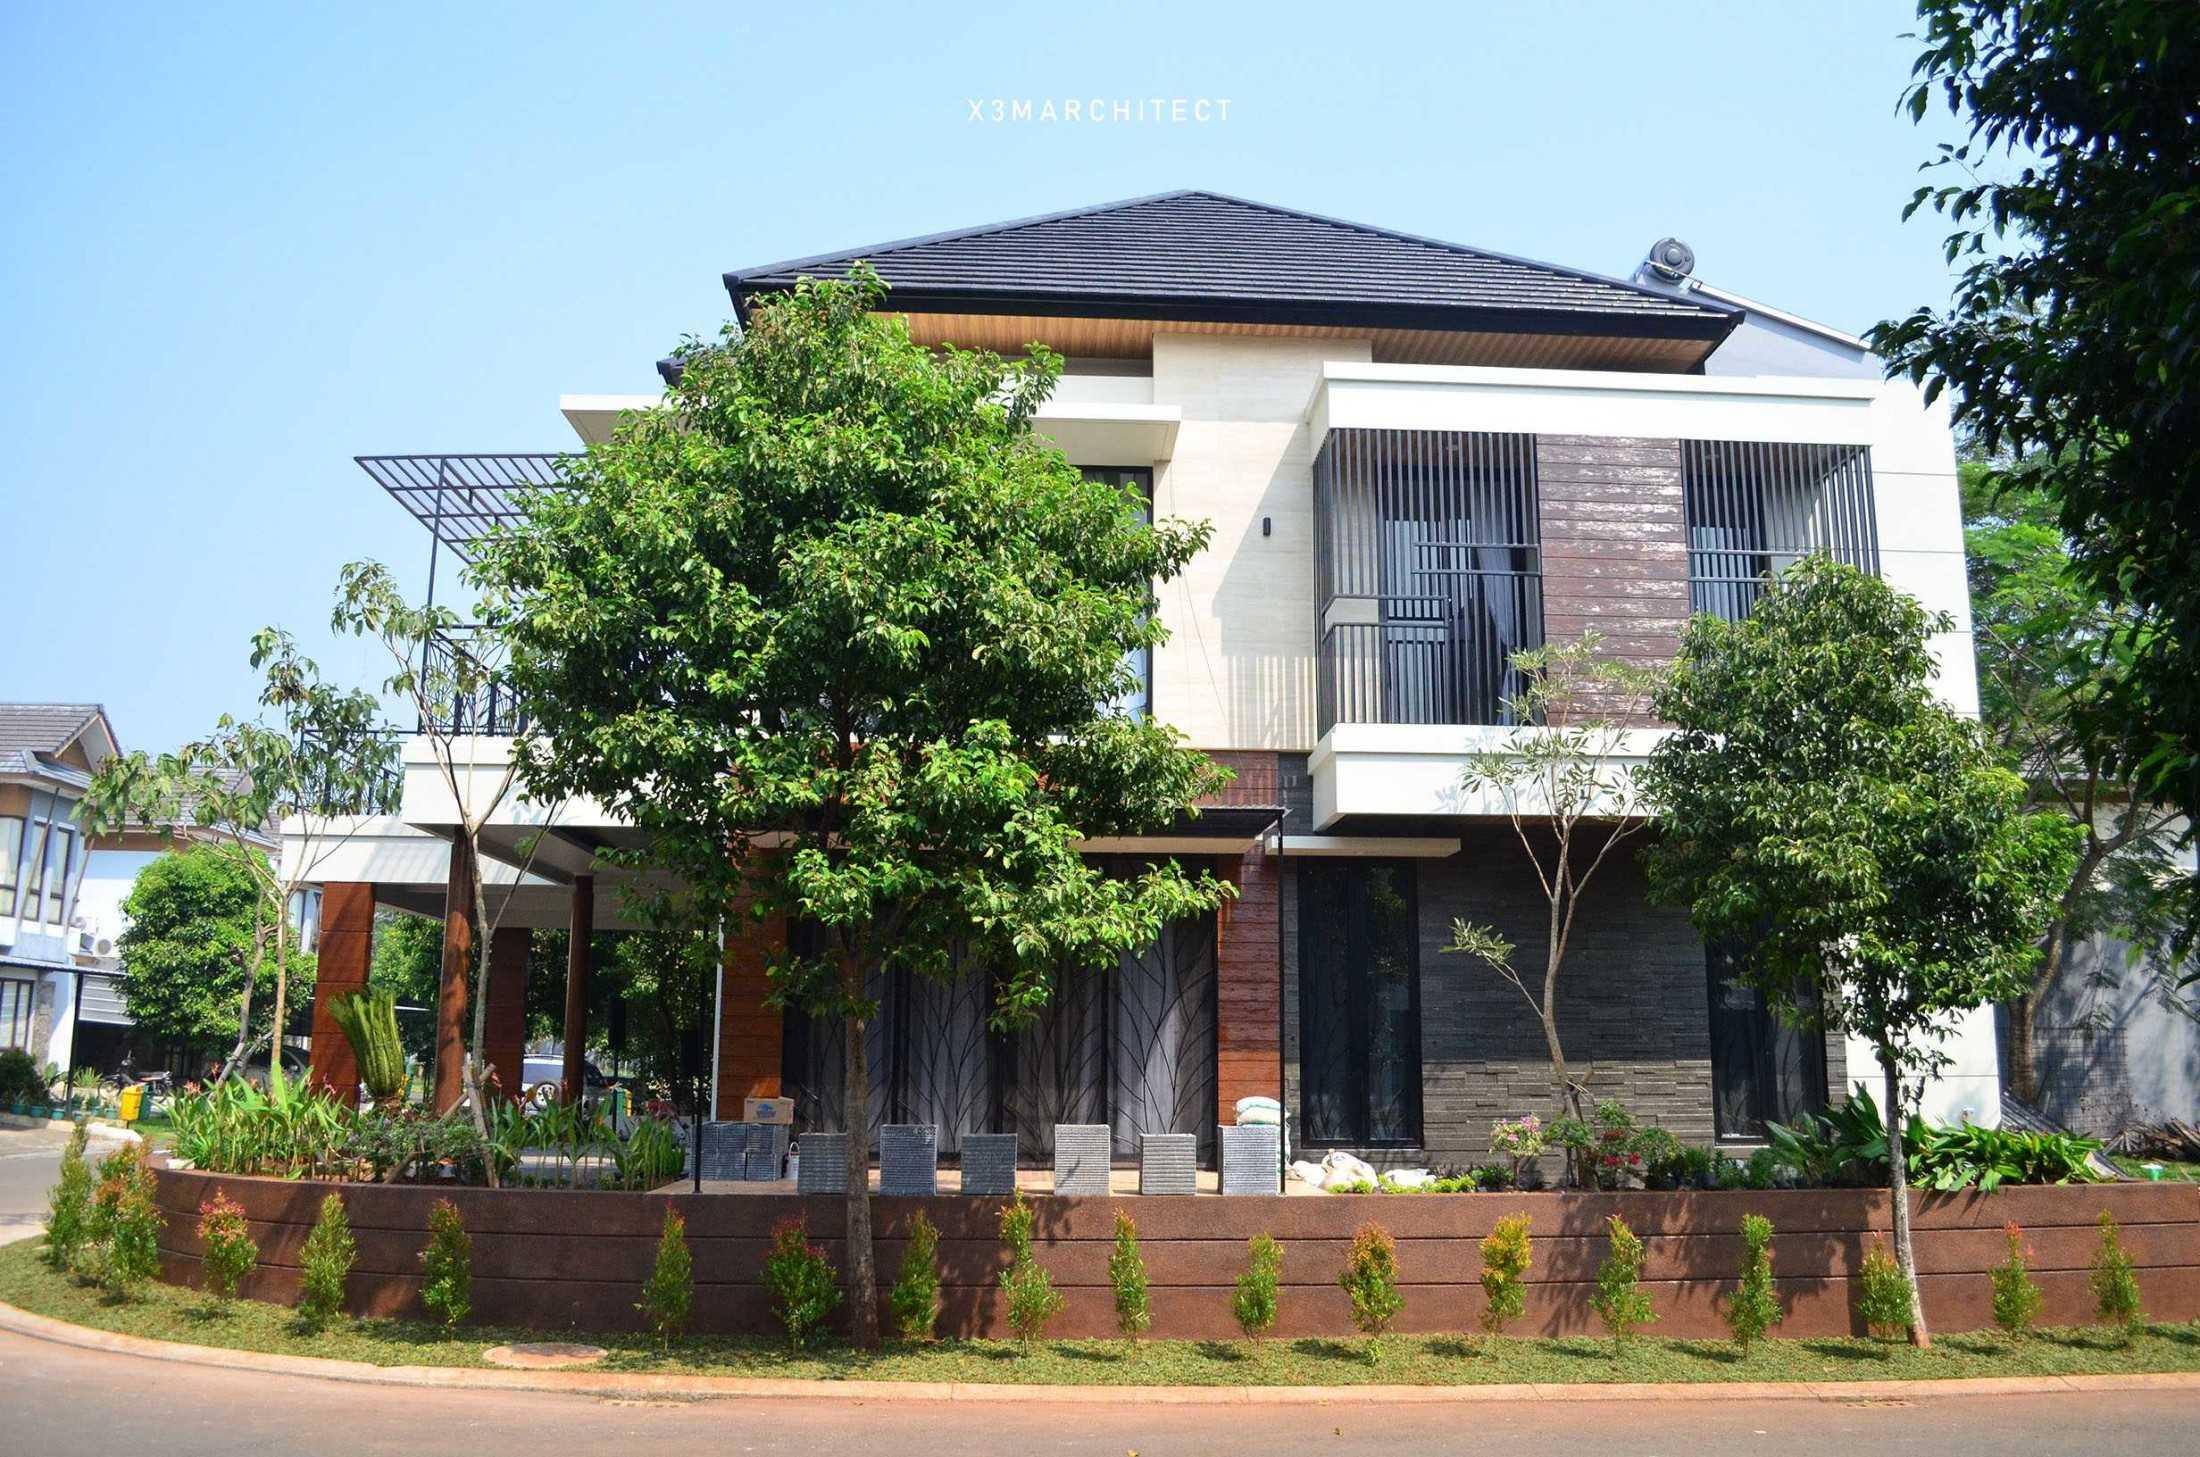 X3M Architects Nittaya A5 1 House Sampora, Kec. Cisauk, Tangerang, Banten 15345, Indonesia Sampora, Kec. Cisauk, Tangerang, Banten 15345, Indonesia X3M-Architects-Nittaya-A5-1  75968